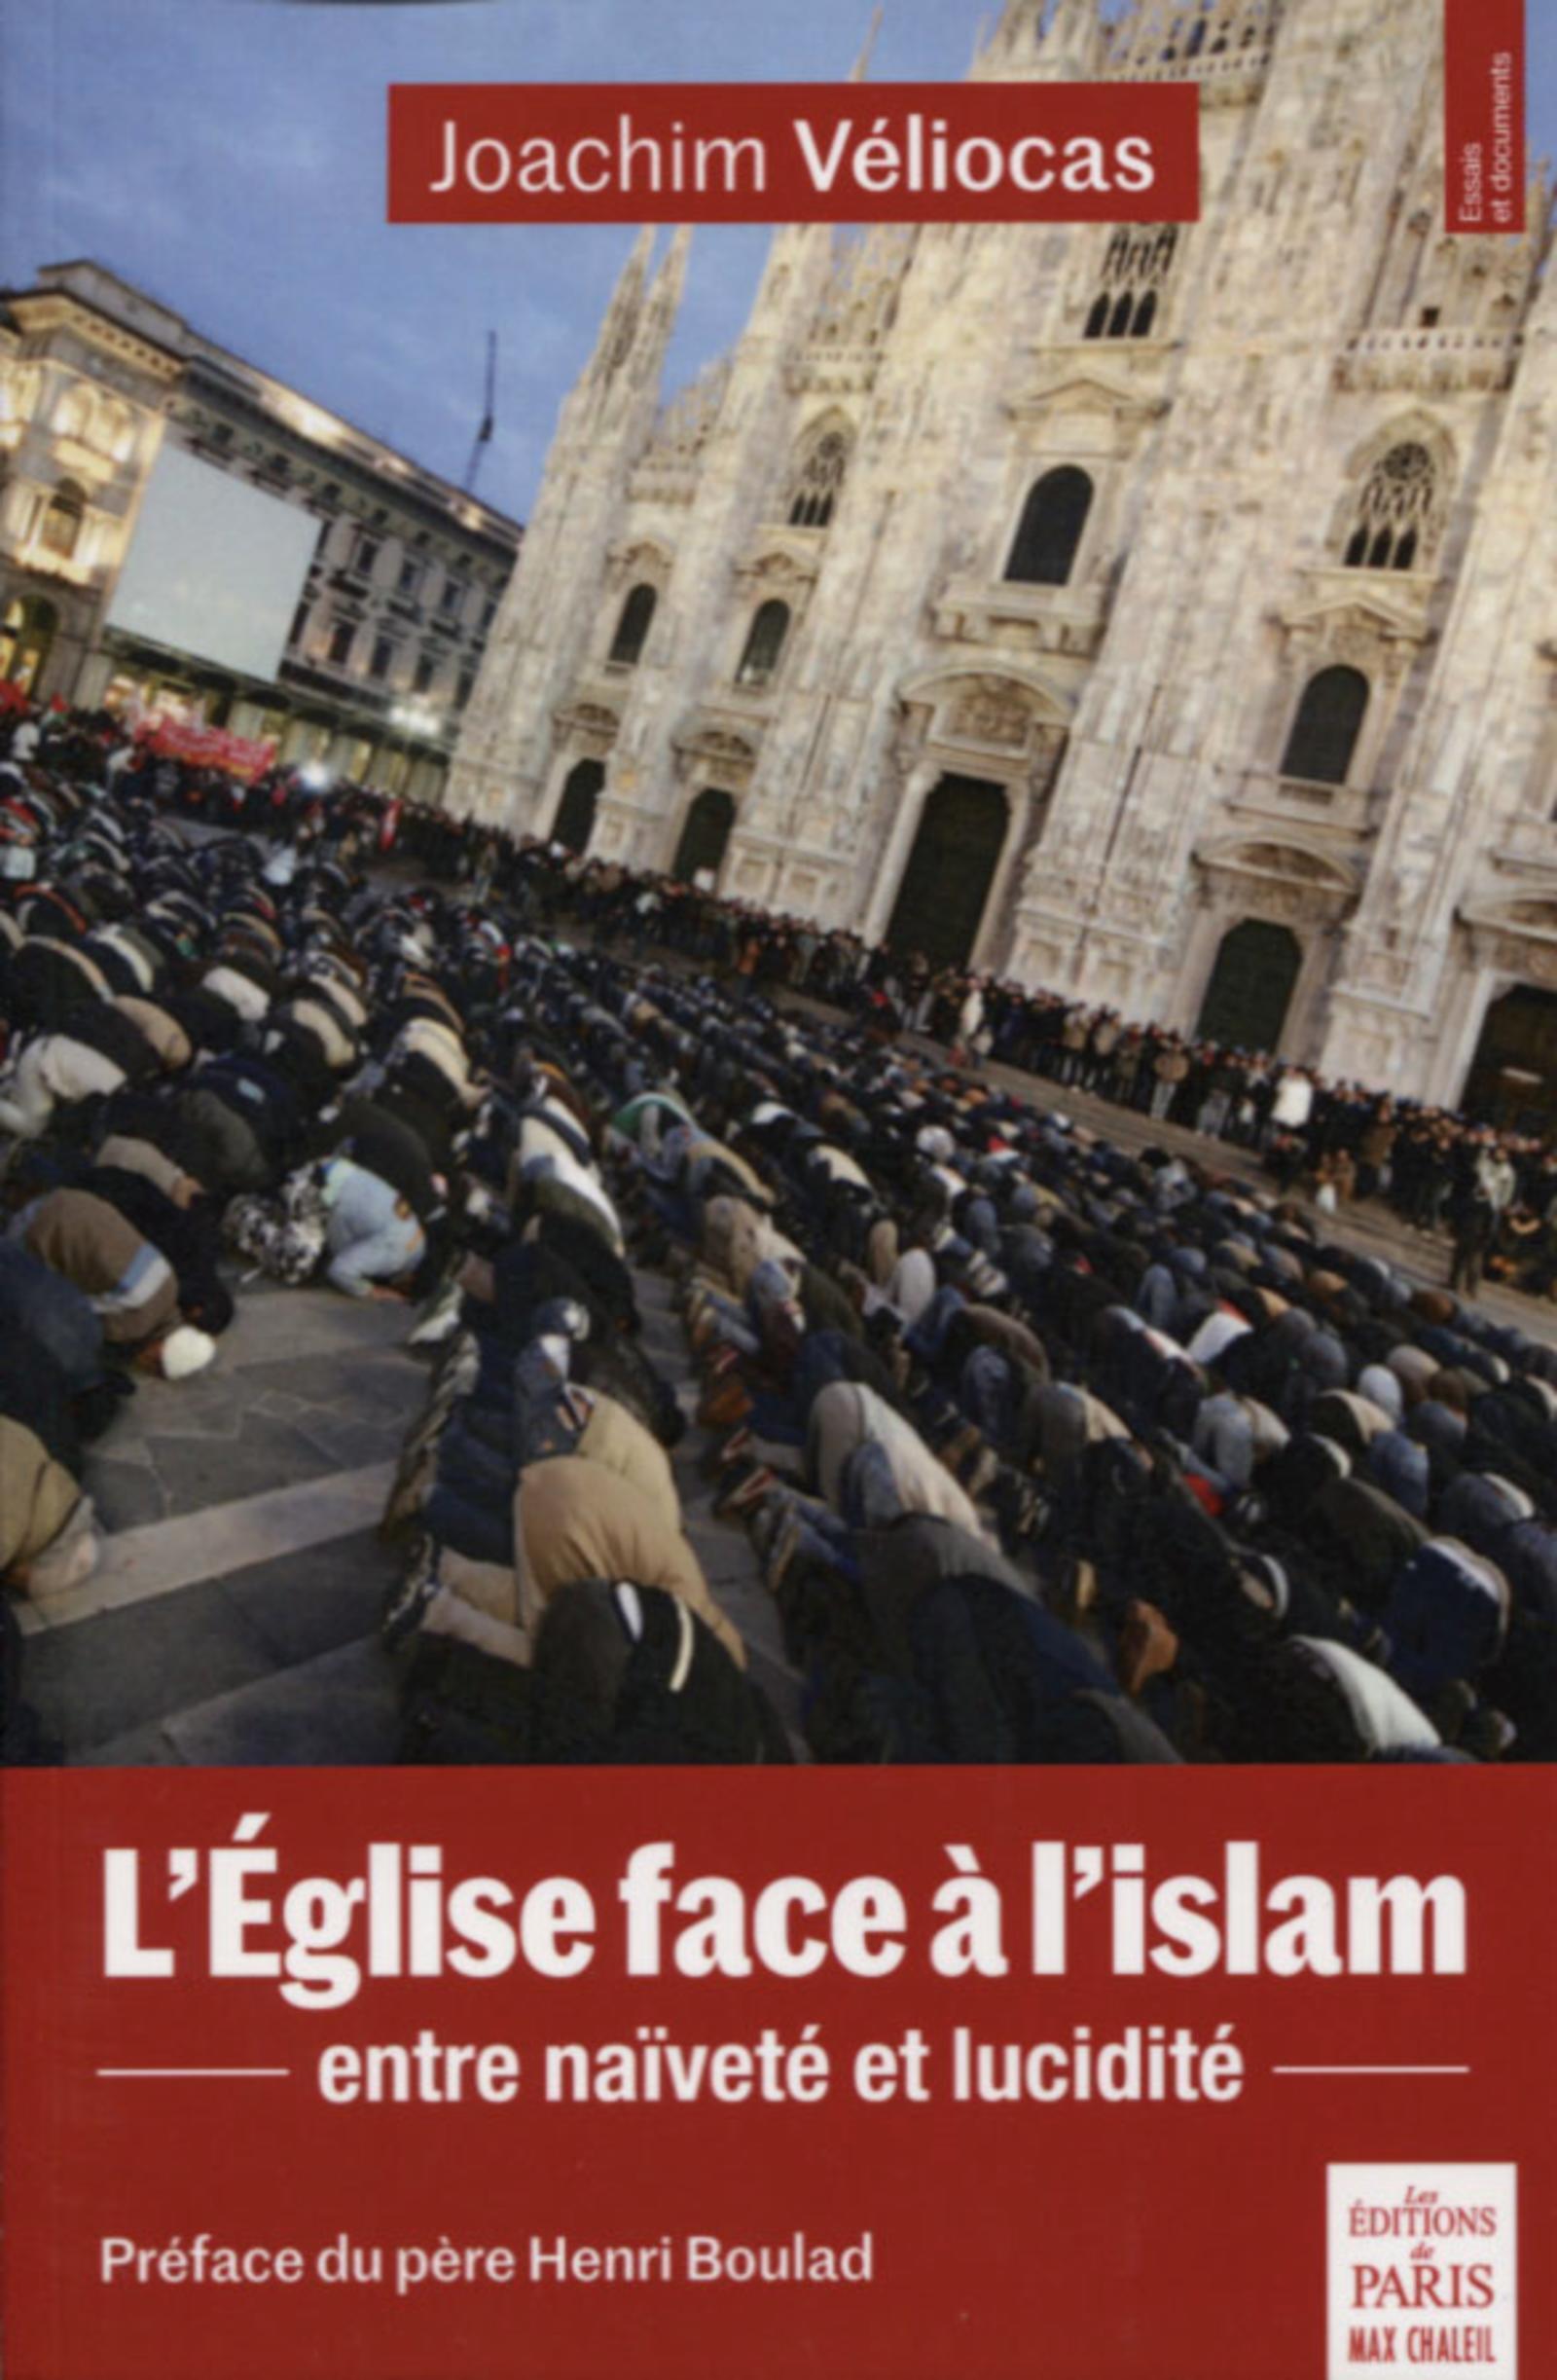 L EGLISE FACE A L ISLAM - ENTRE NAIVETE ET LUCIDITE  PREFACE DU PERE HENRI BOULAD